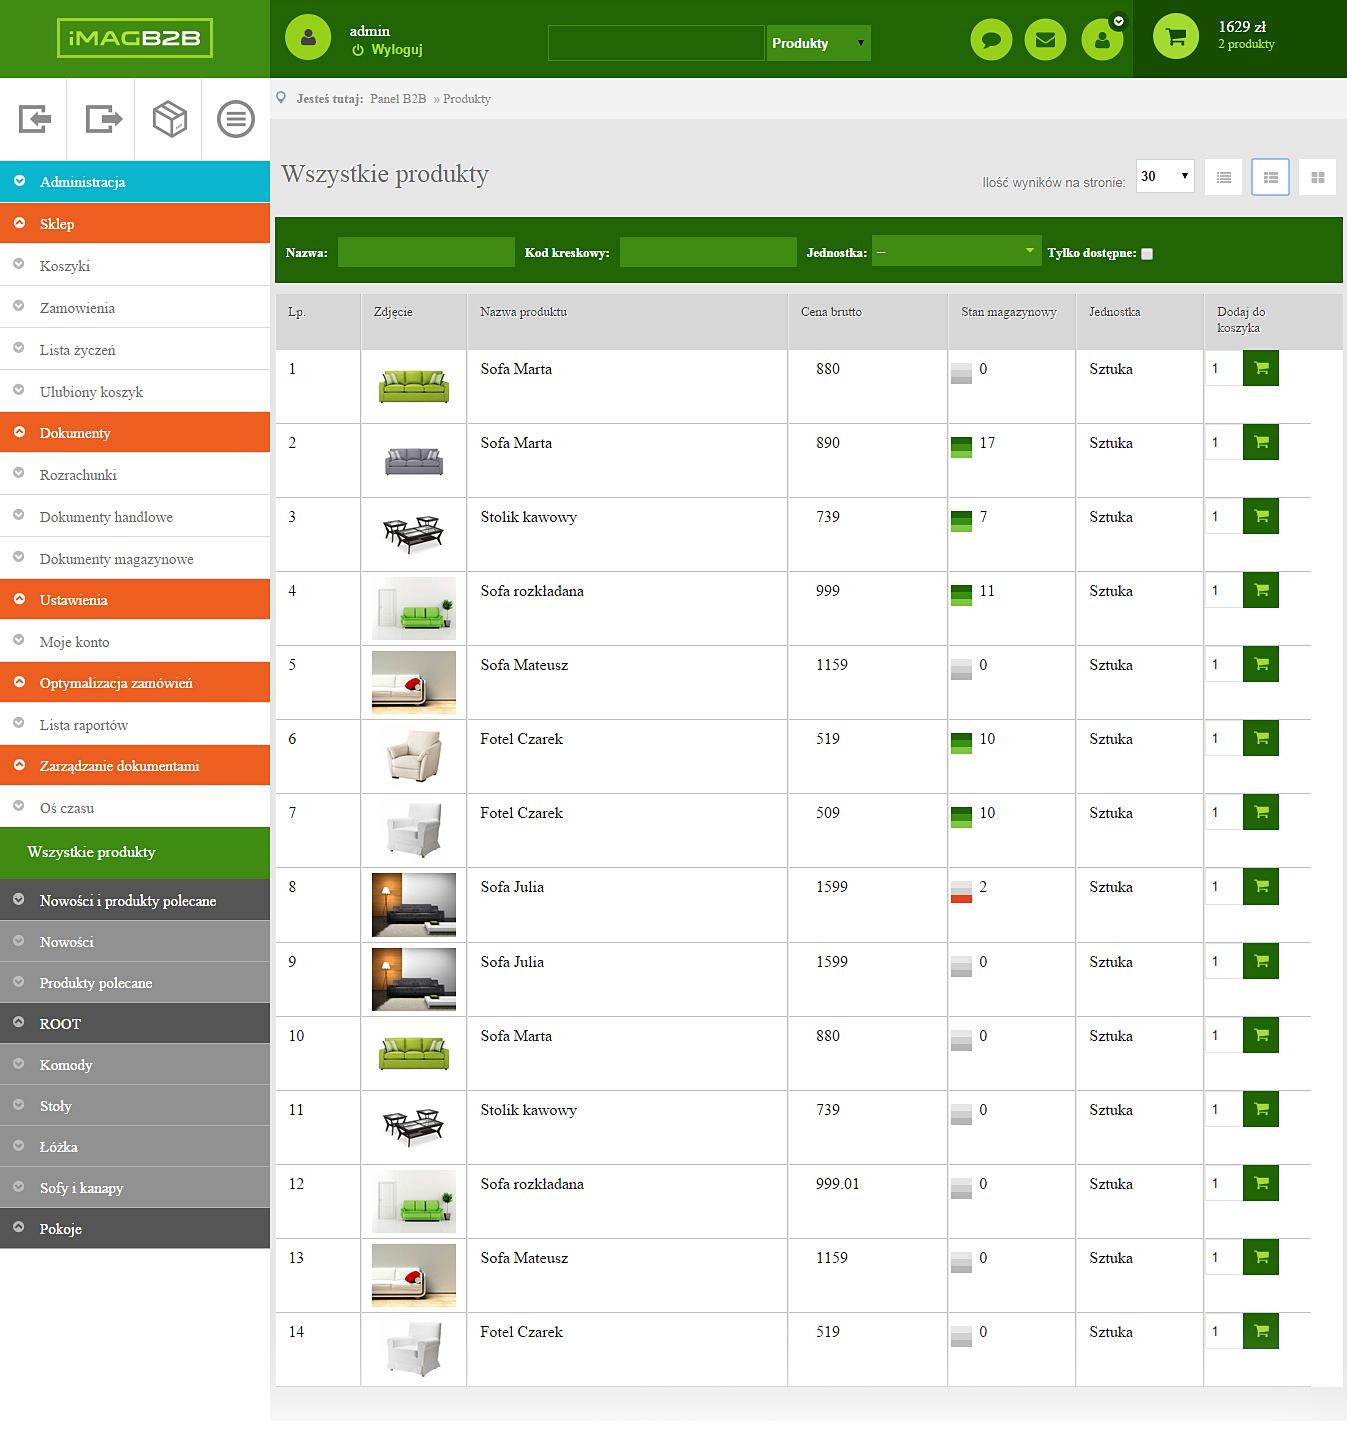 IMAG B2B - Lista produktów ze zdjęciem